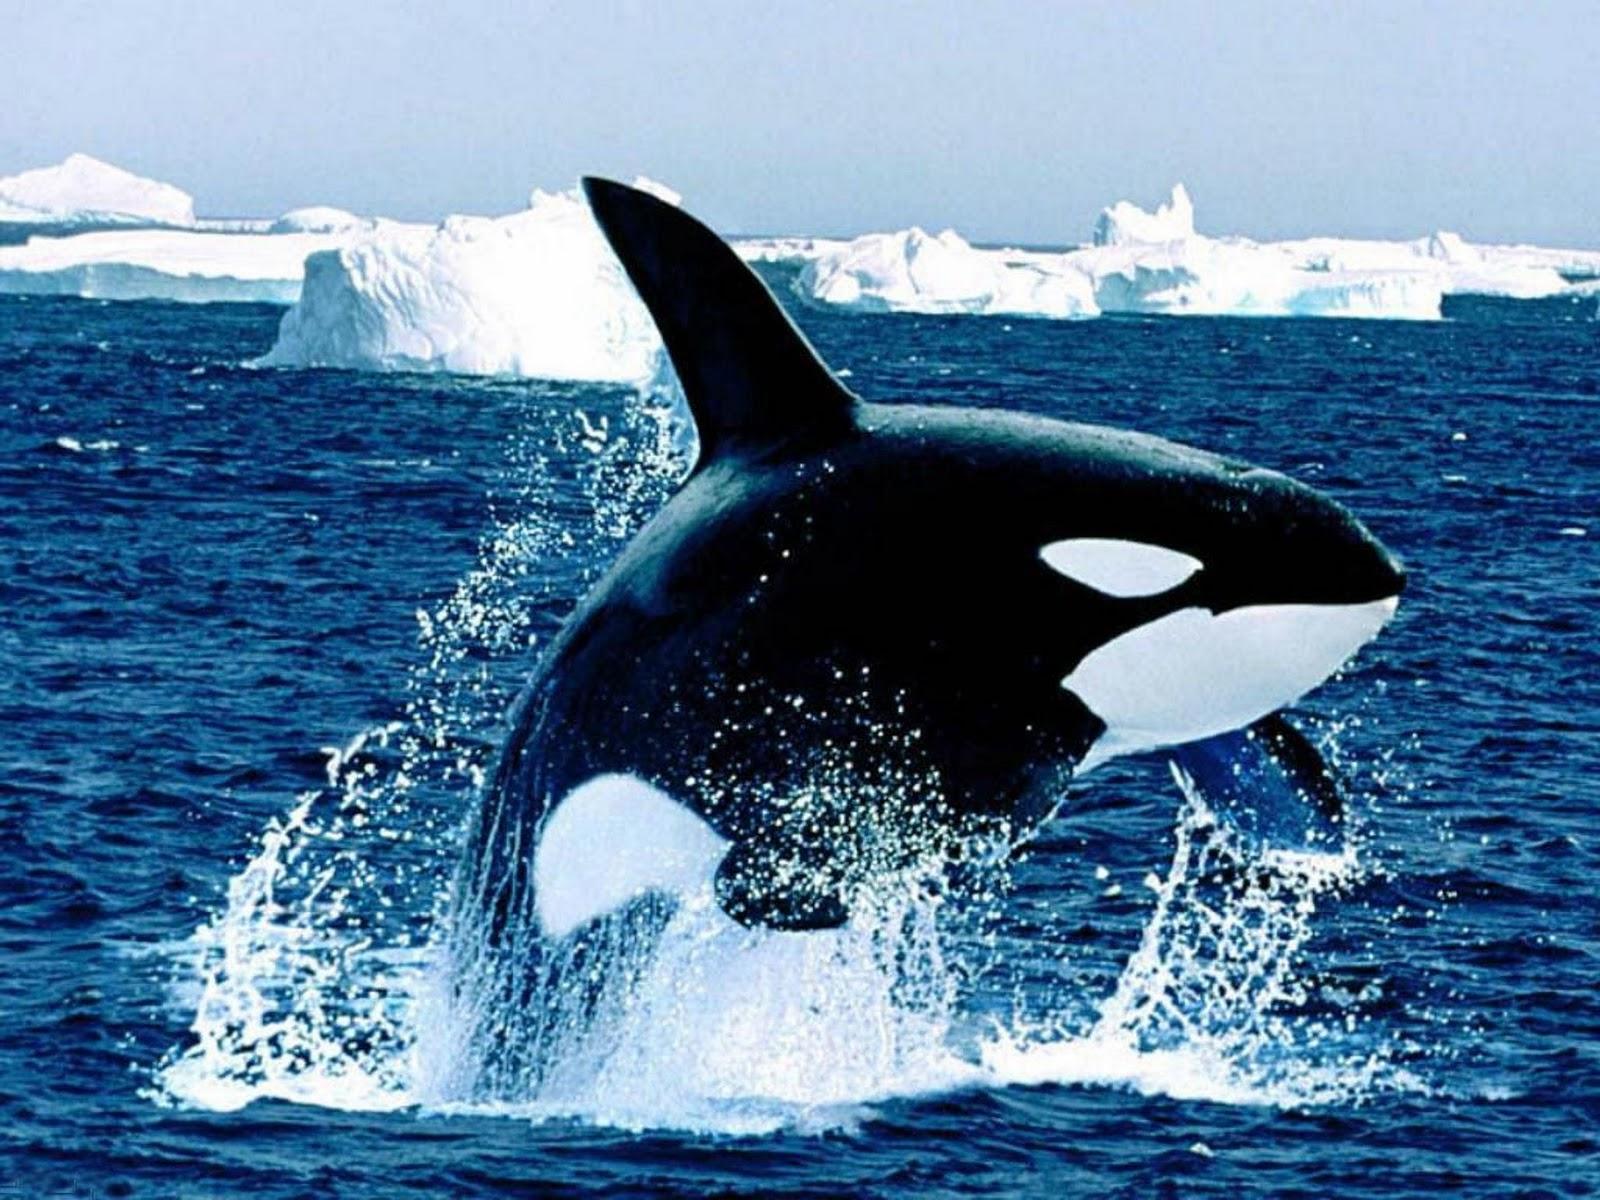 orca wallpaper hd